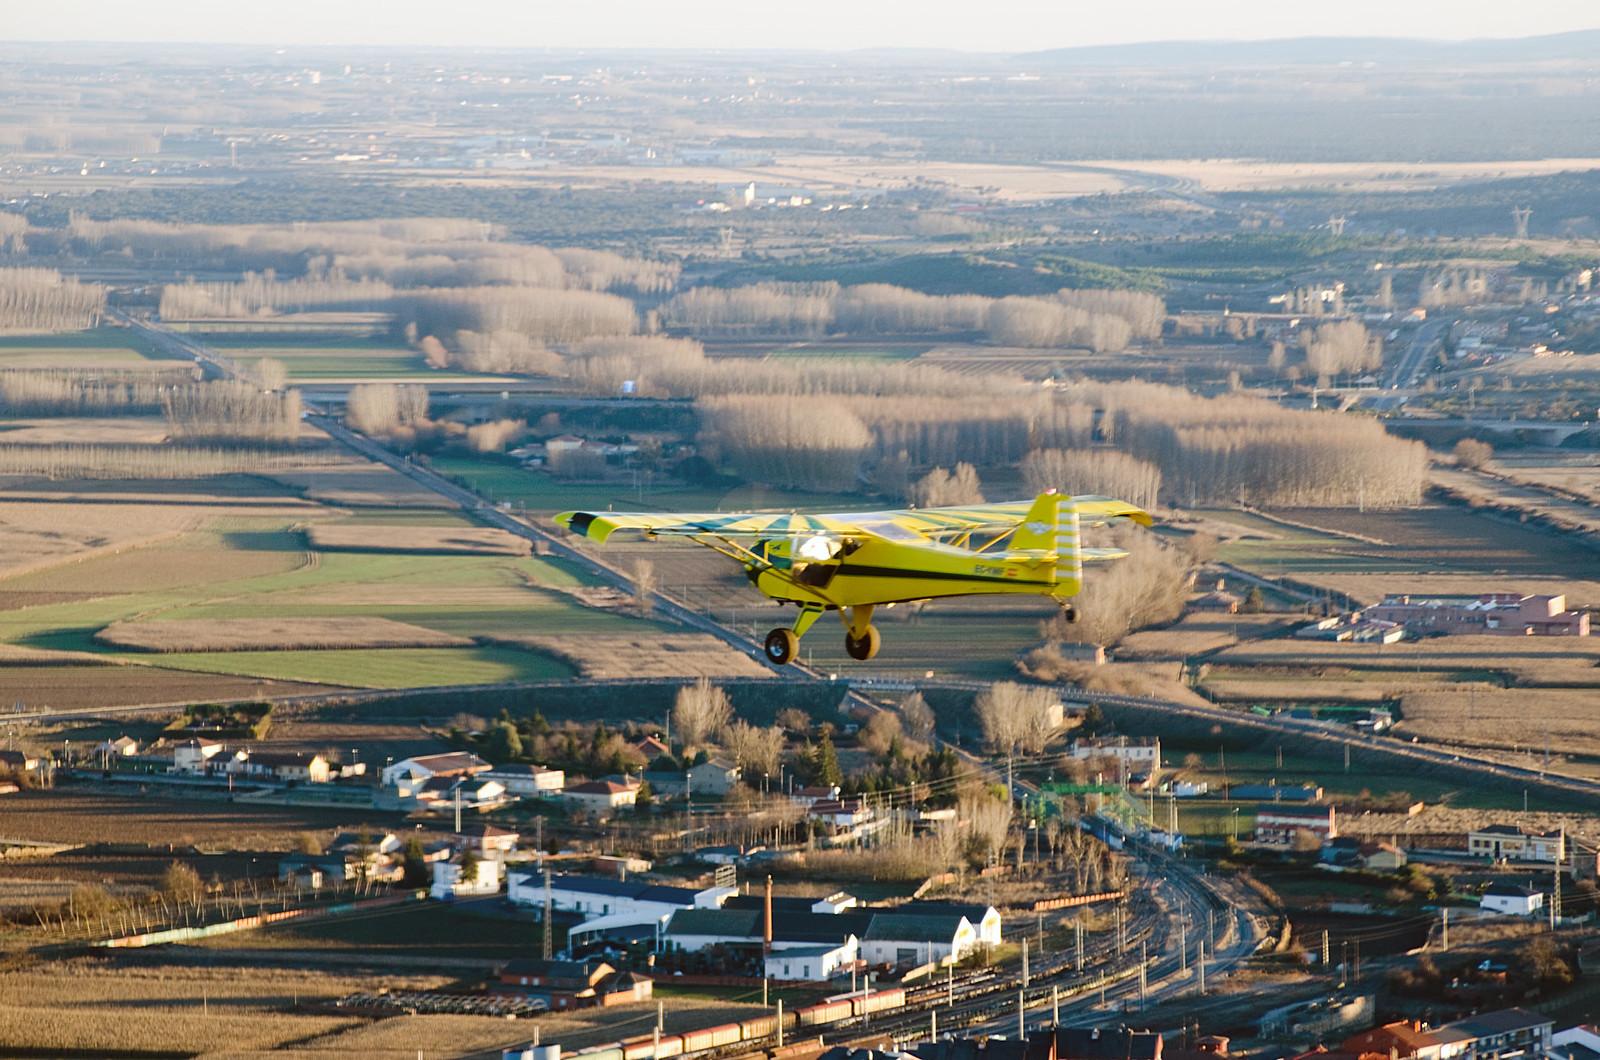 Vuelo Roberto Jabiru UL-450 Aerodromo Kitfox vuelo Astorga (49)